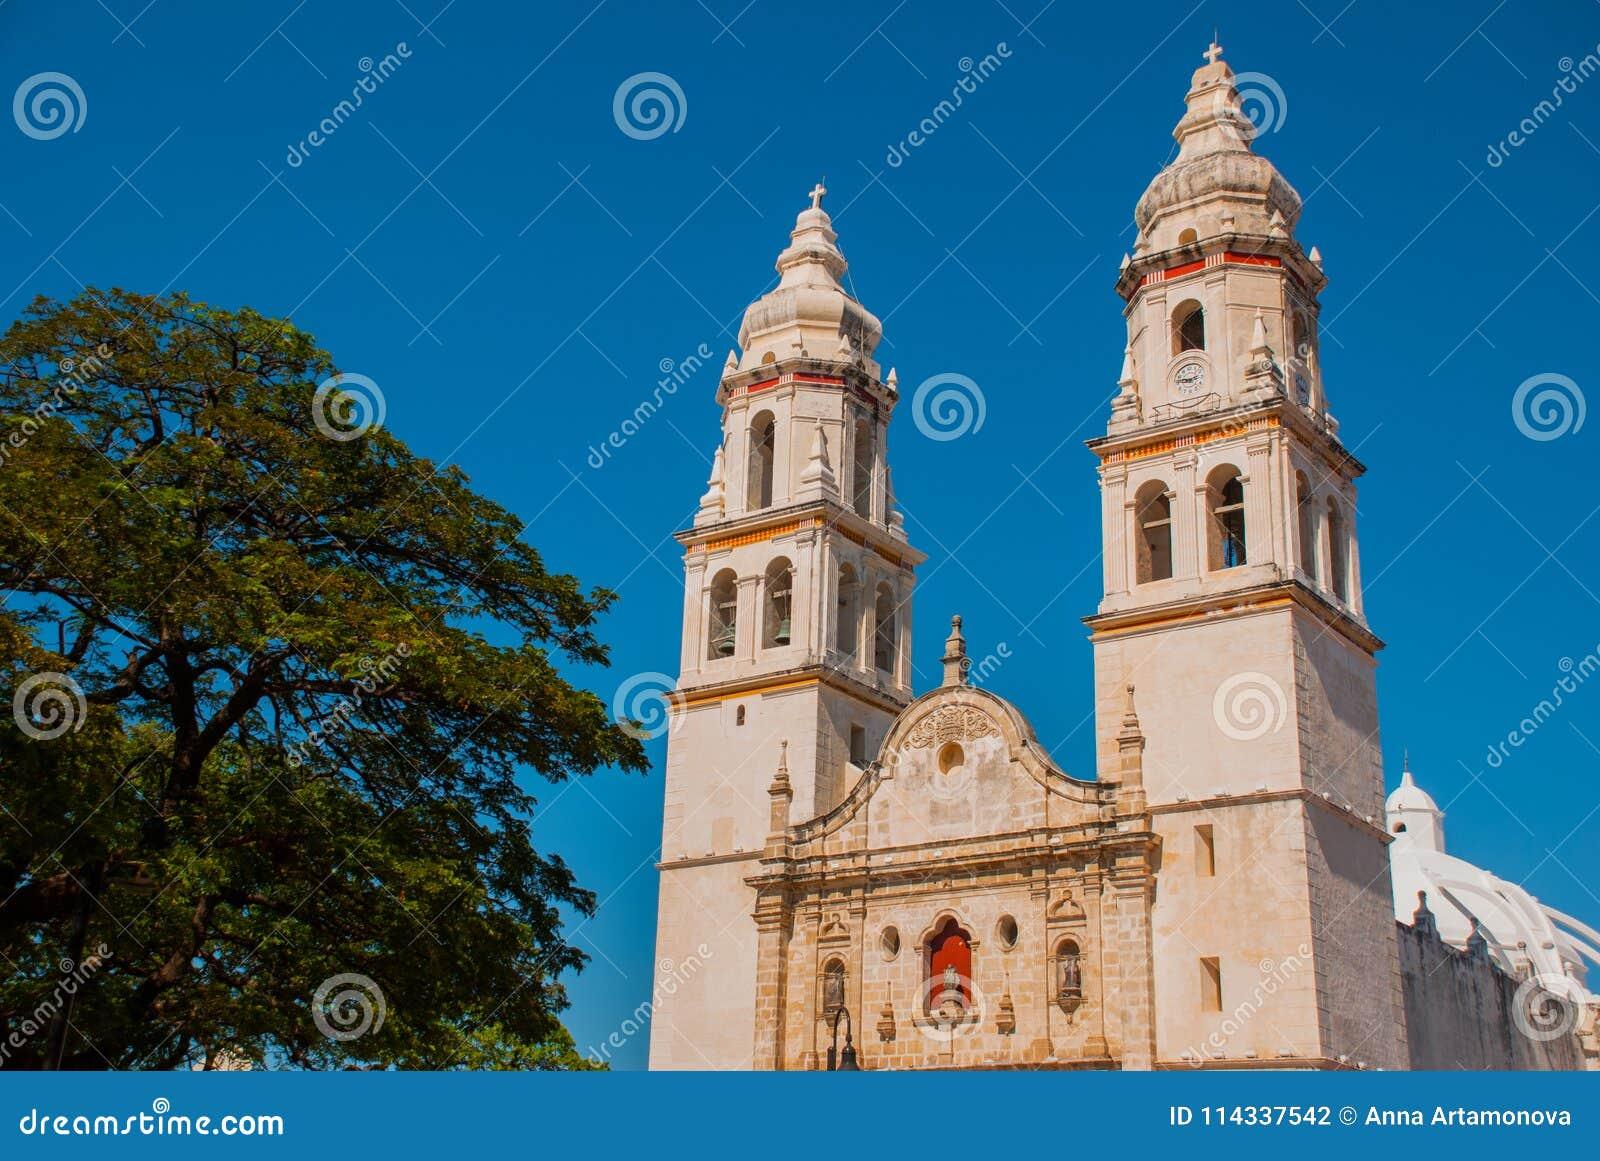 Kathedrale auf dem Hintergrund des blauen Himmels San Francisco de Campeche, Mexiko